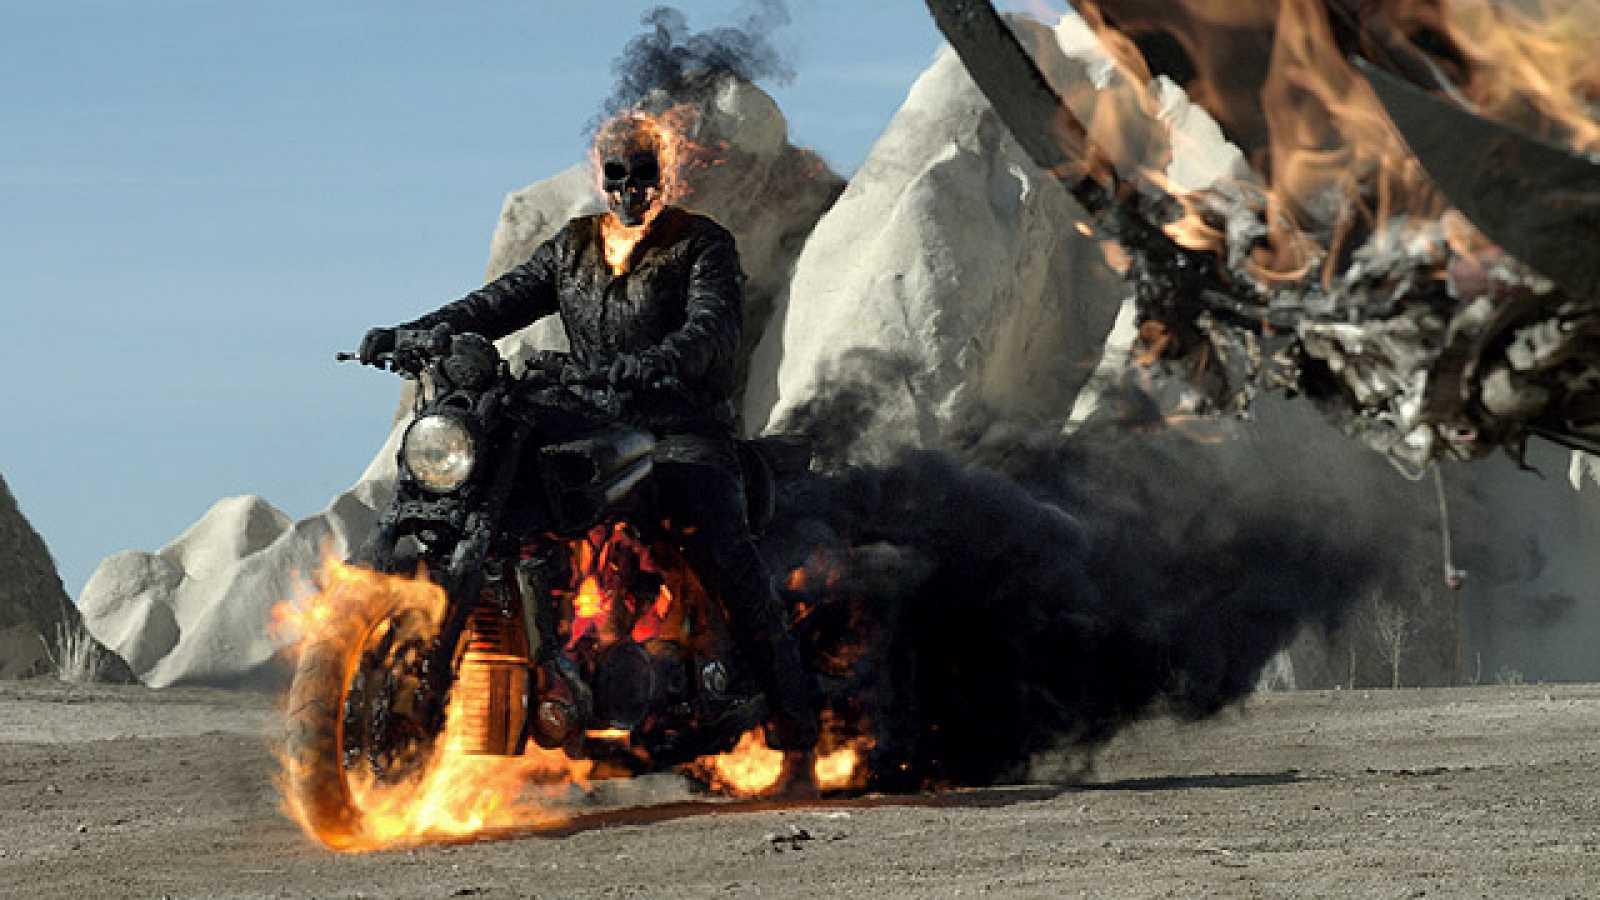 Tráiler De El Motorista Fantasma 2 Ghost Rider 2 Rtvees